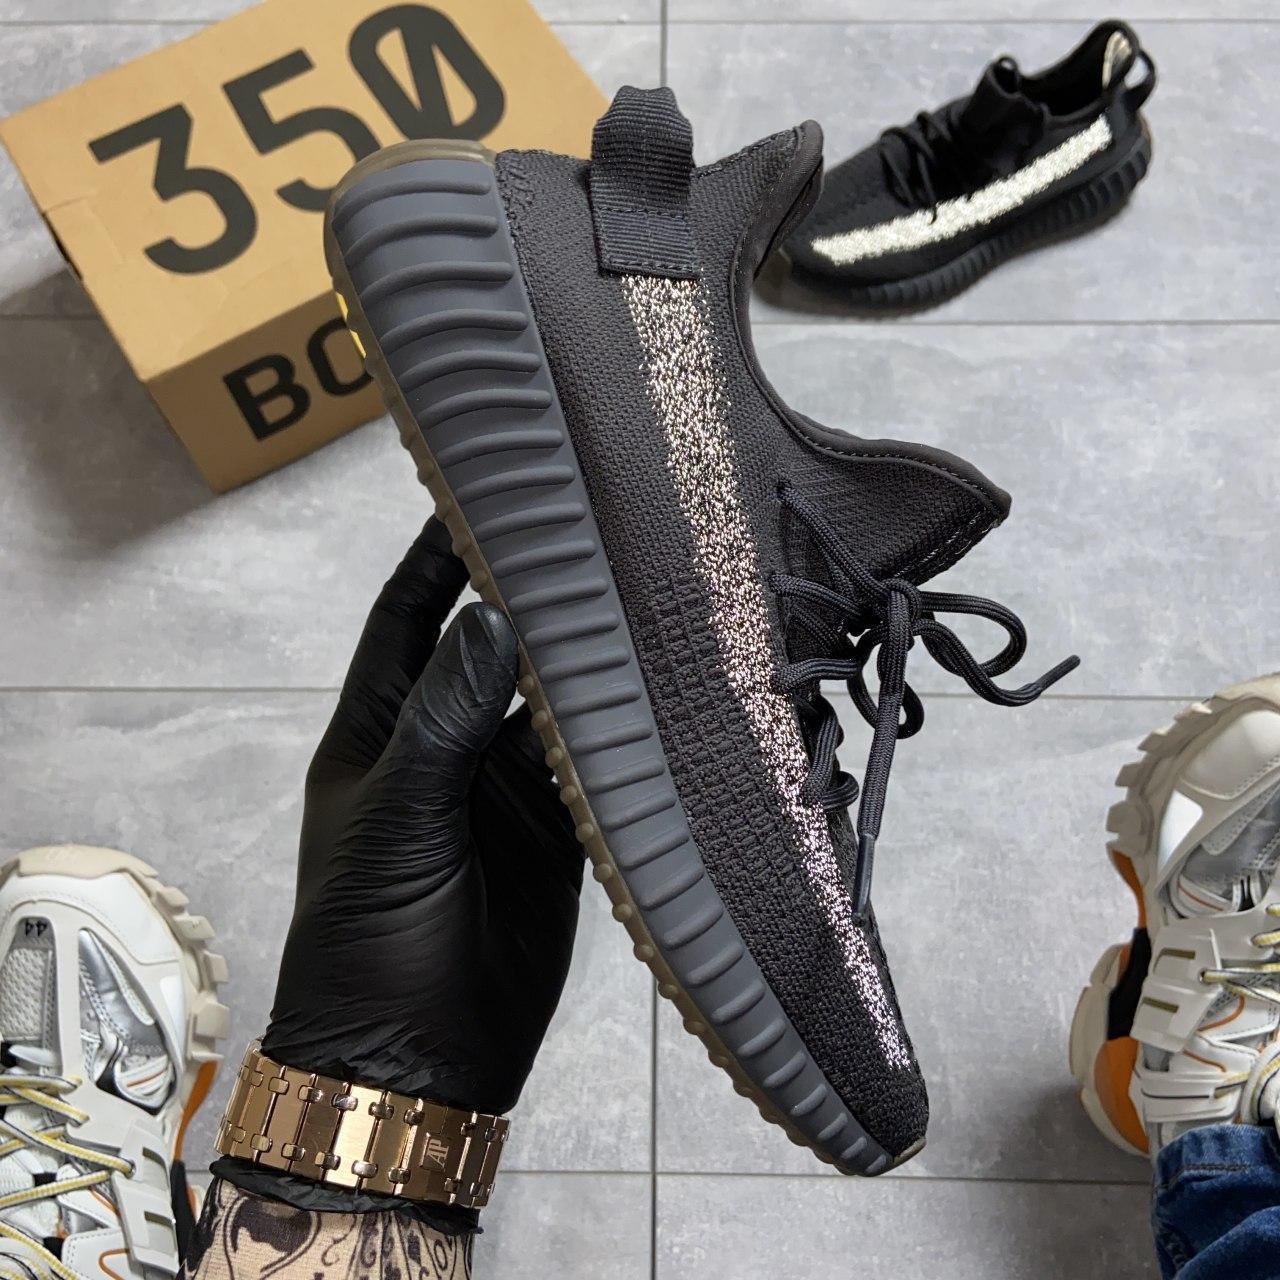 Кроссовки Adidas Yeezy Boost 350 V2 Cinder черные рефлектив 🔥 Адидас мужские кроссовки рефлективные 🔥